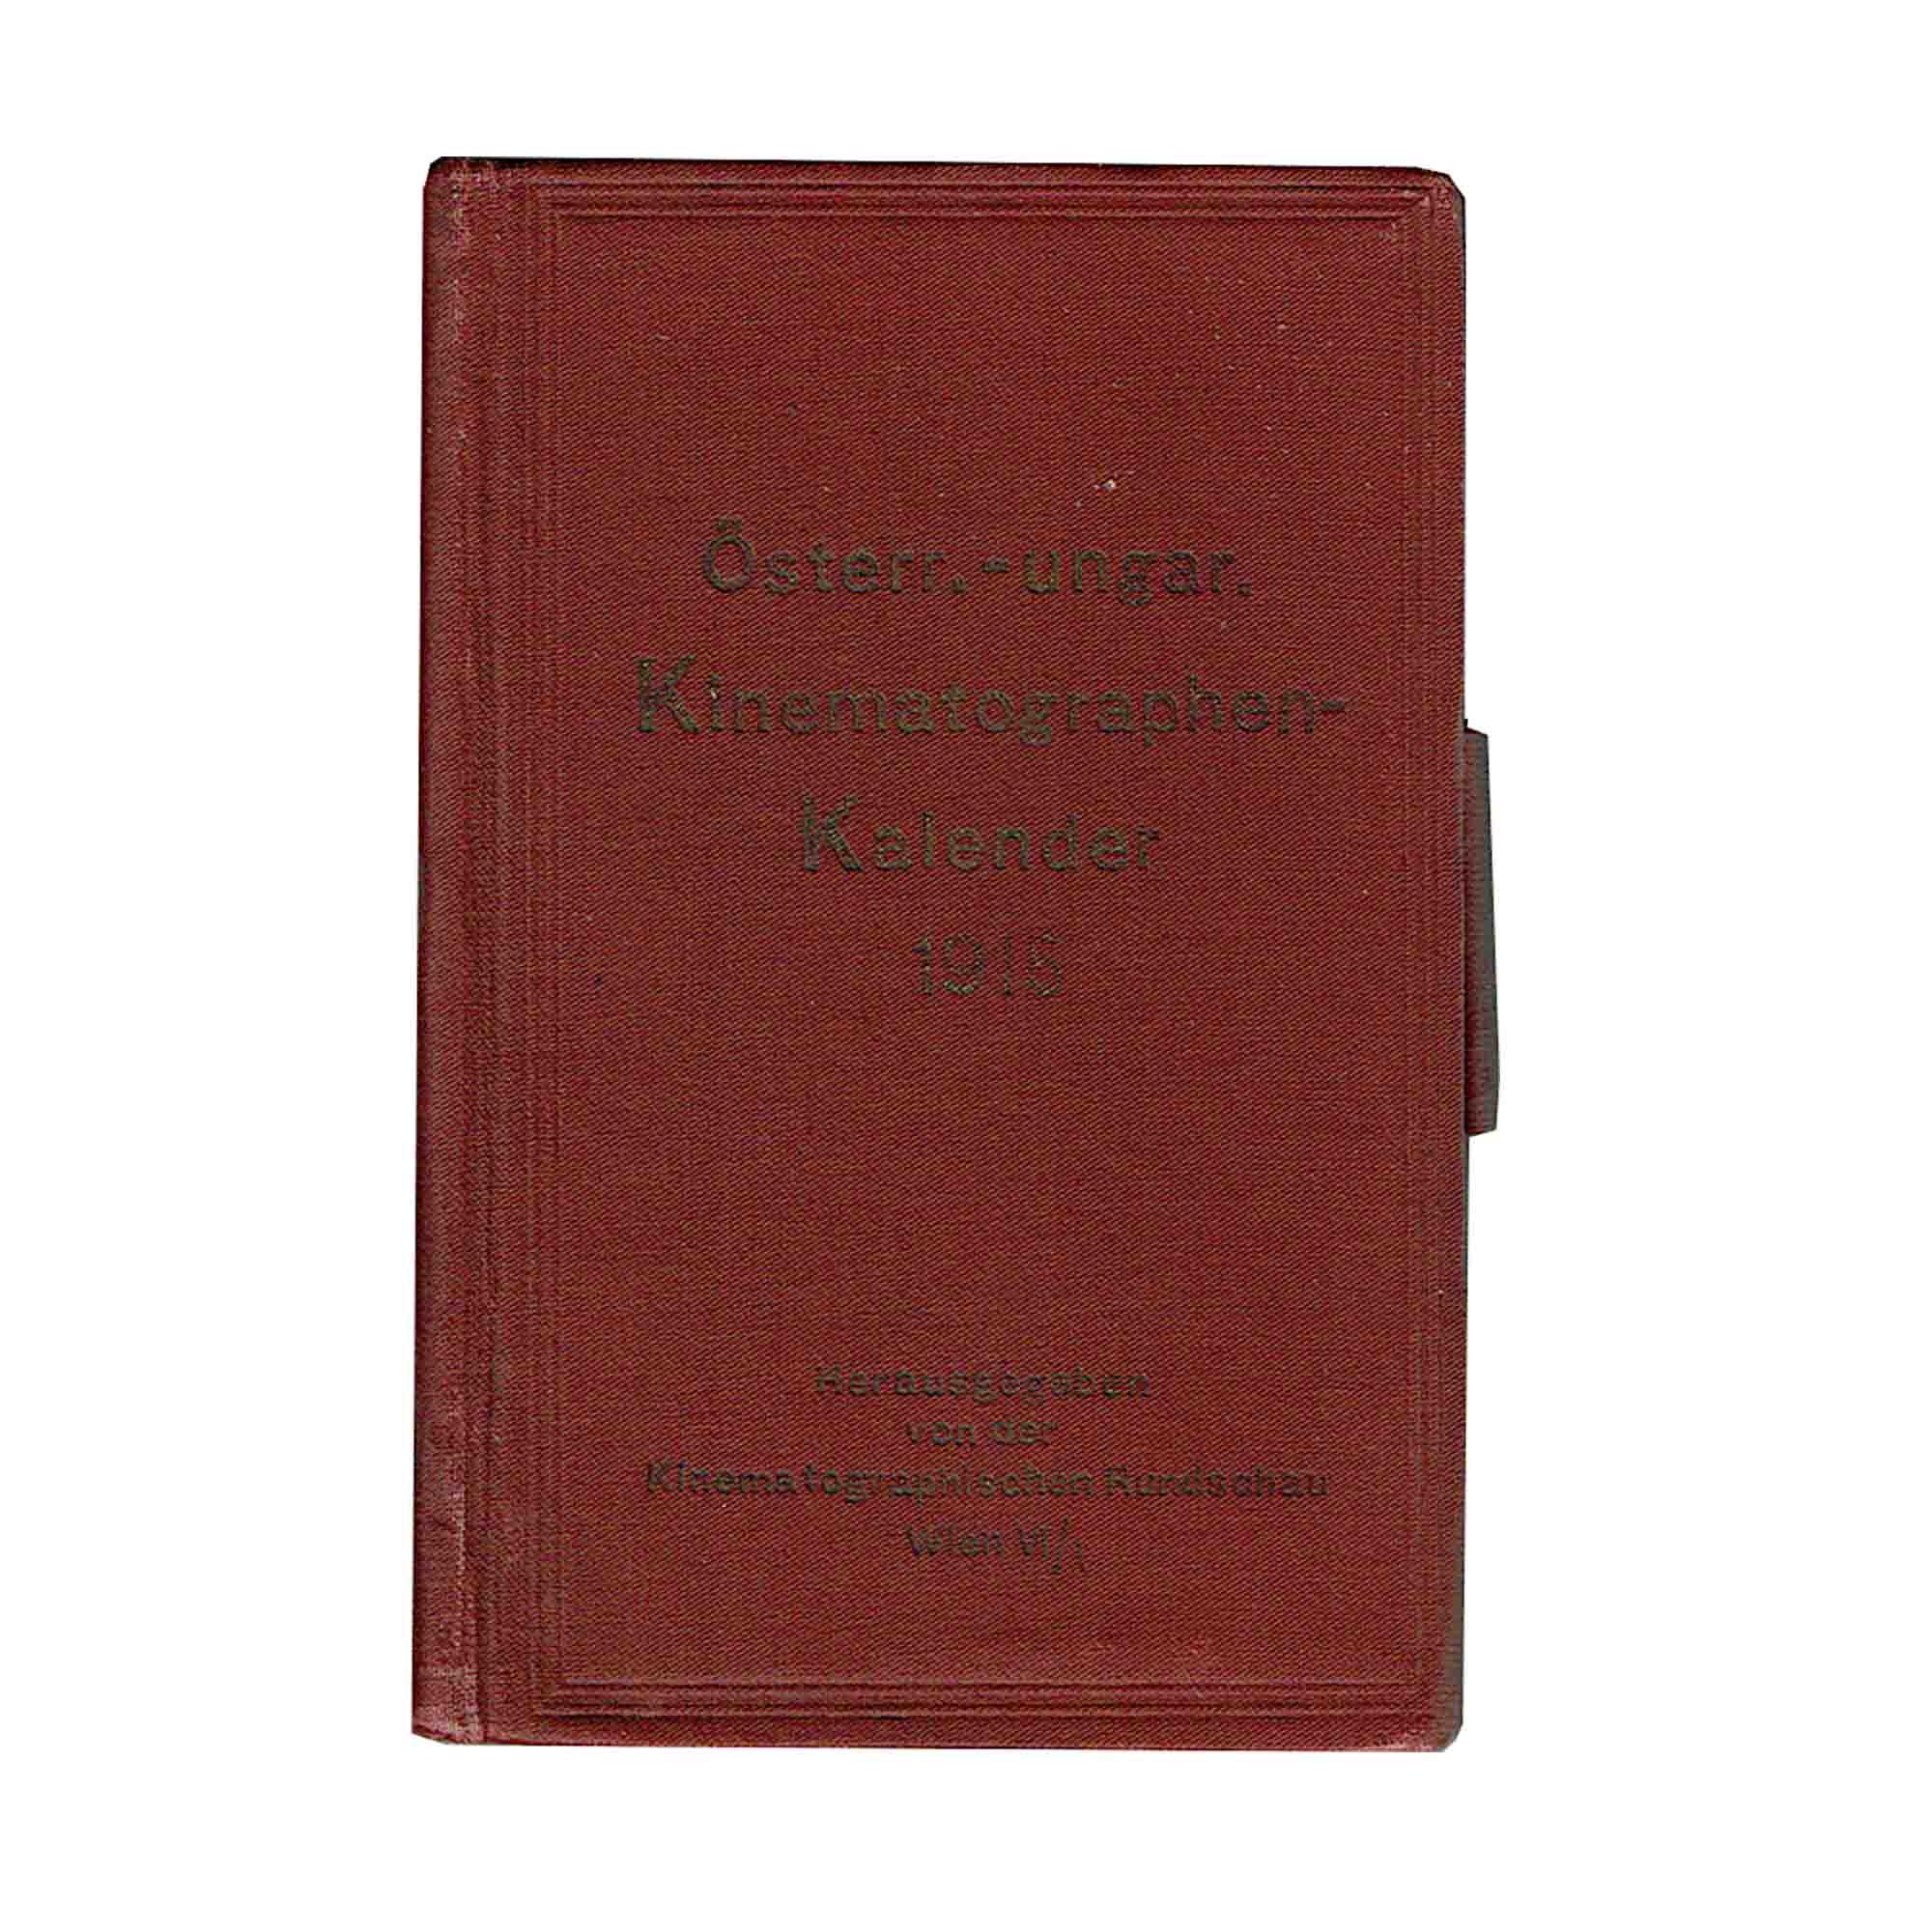 5357-Kinematographen-Kalender-1915-Einband-frei-N.jpg